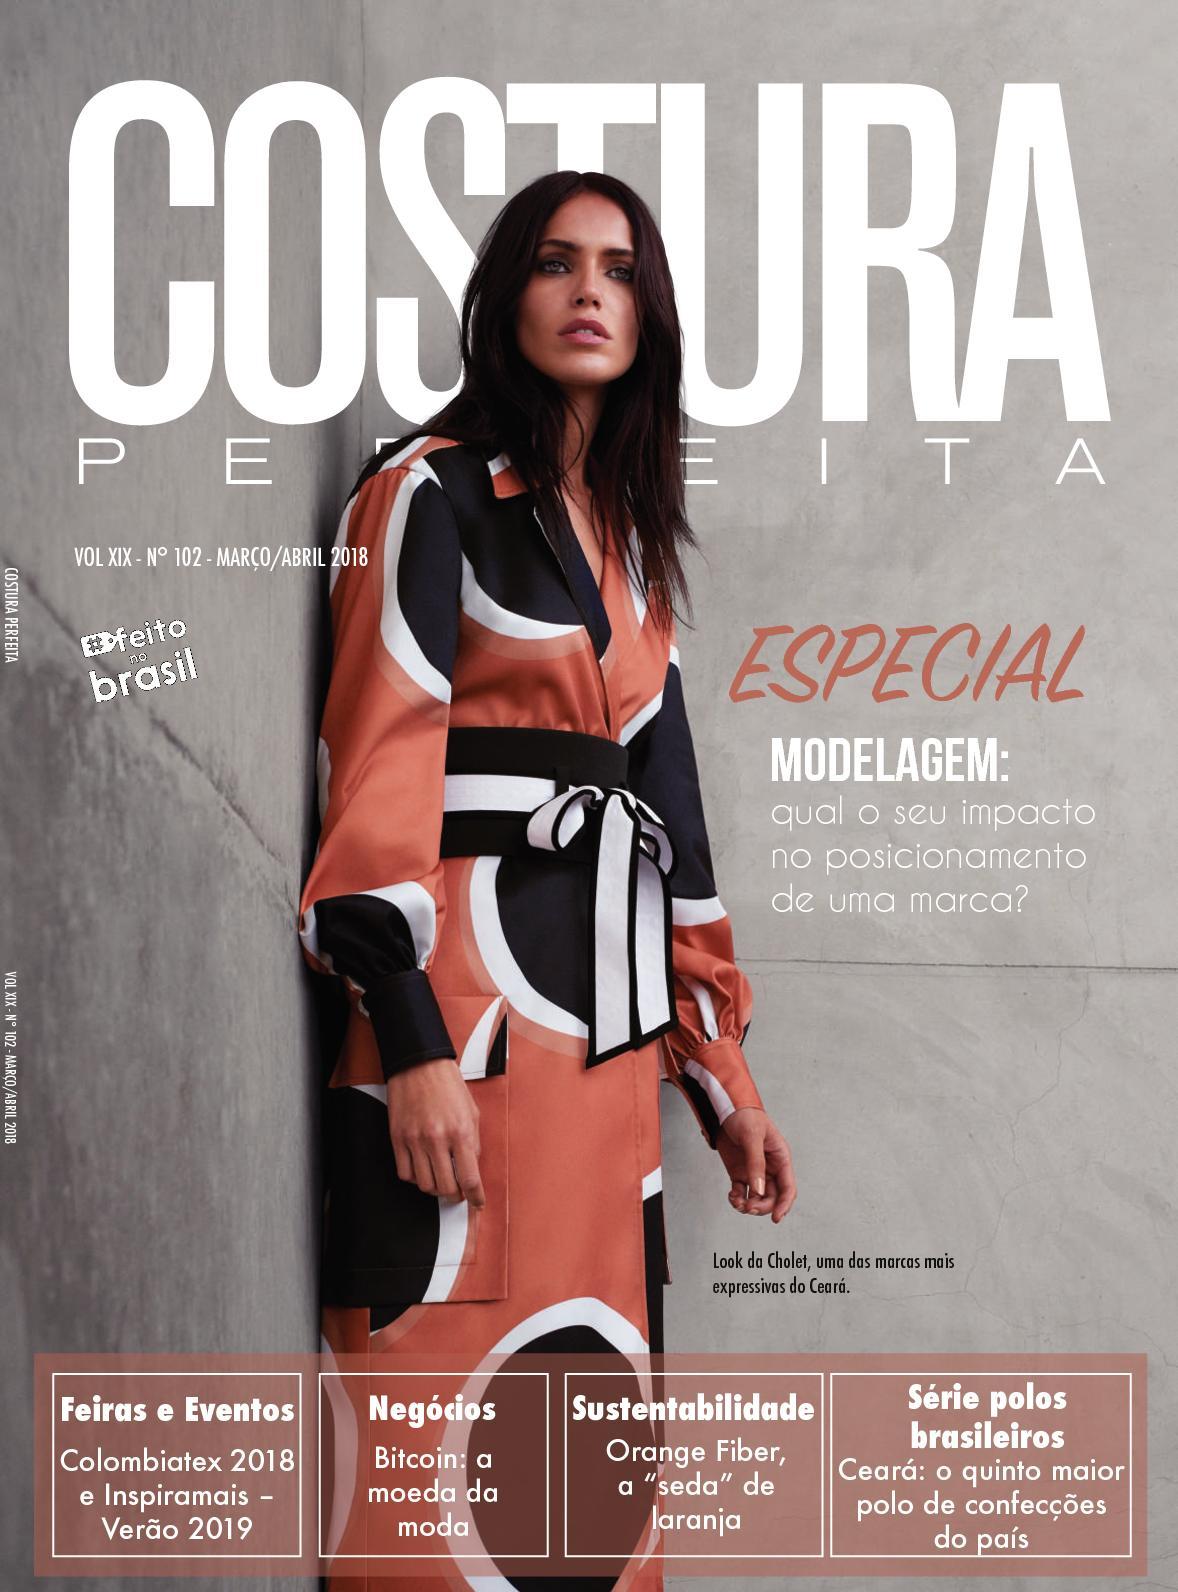 Calaméo - Revista Costura Perfeita Edição Ano XIX - N102 - Março - Abril  2018 a5c00509b94